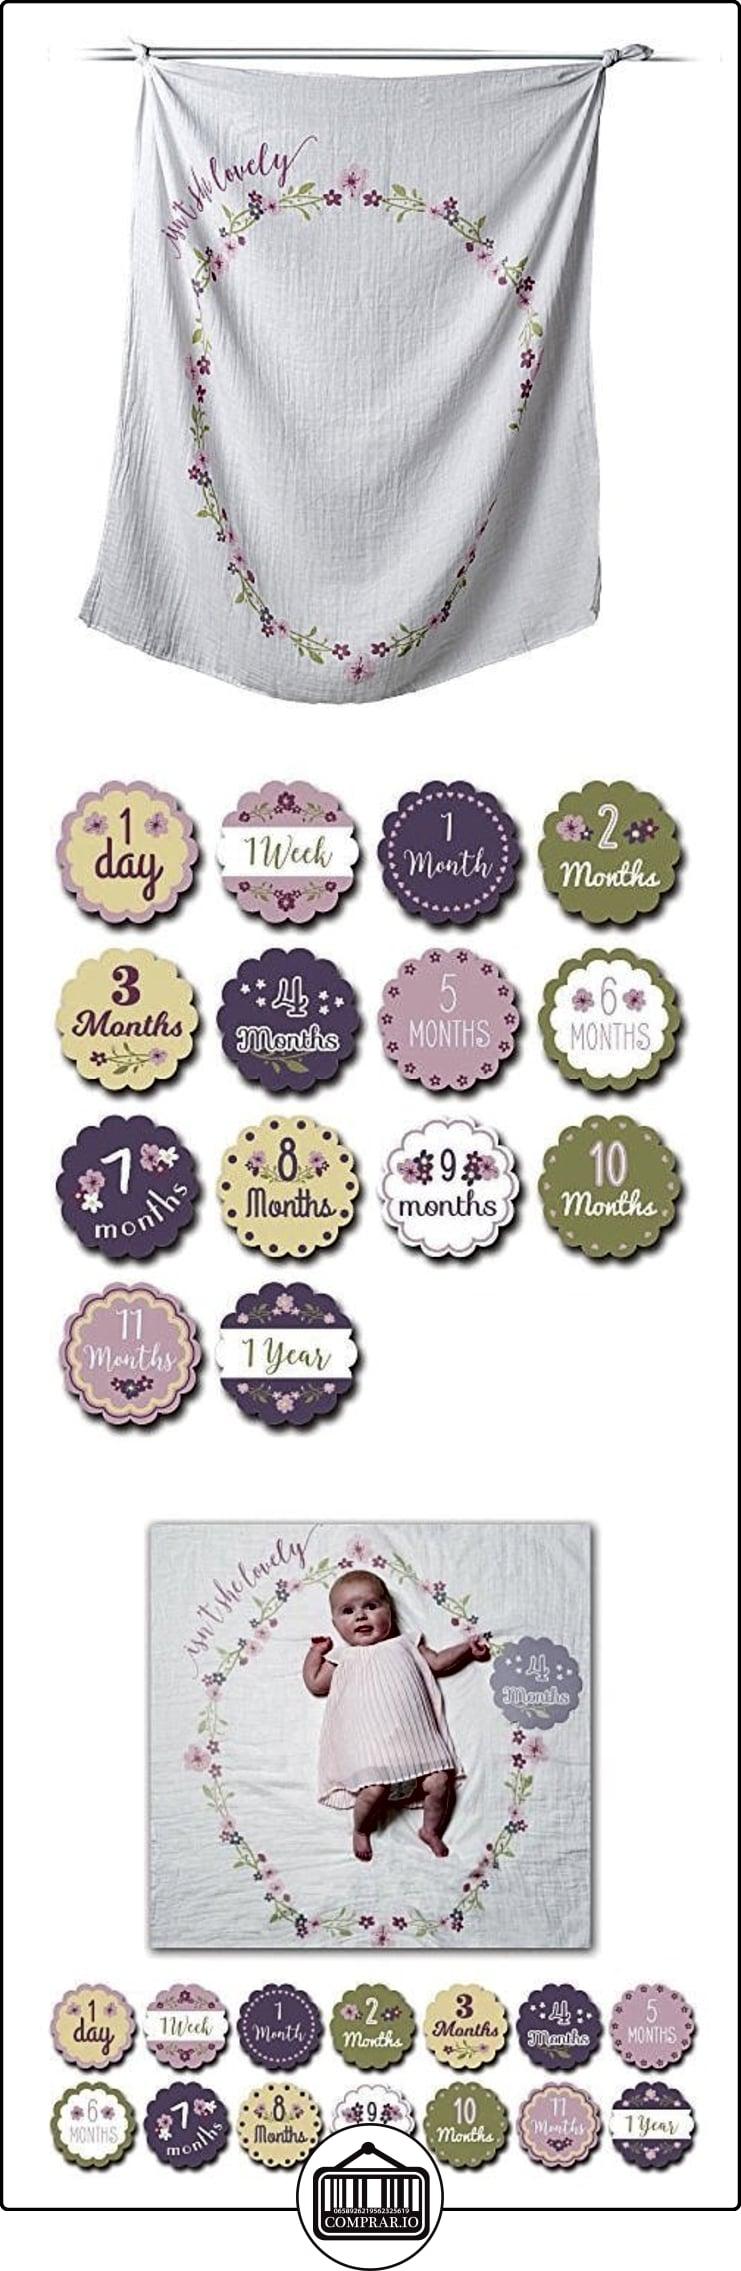 lulujo Baby de techo paños con 14meses de tarjetas Baby de tarjetas para fotografía y Agarrarse el primera Desarrollo Pasos de su bebé en el primer año de vida flores  ✿ Regalos para recién nacidos - Bebes ✿ ▬► Ver oferta: http://comprar.io/goto/B01N4BBV02